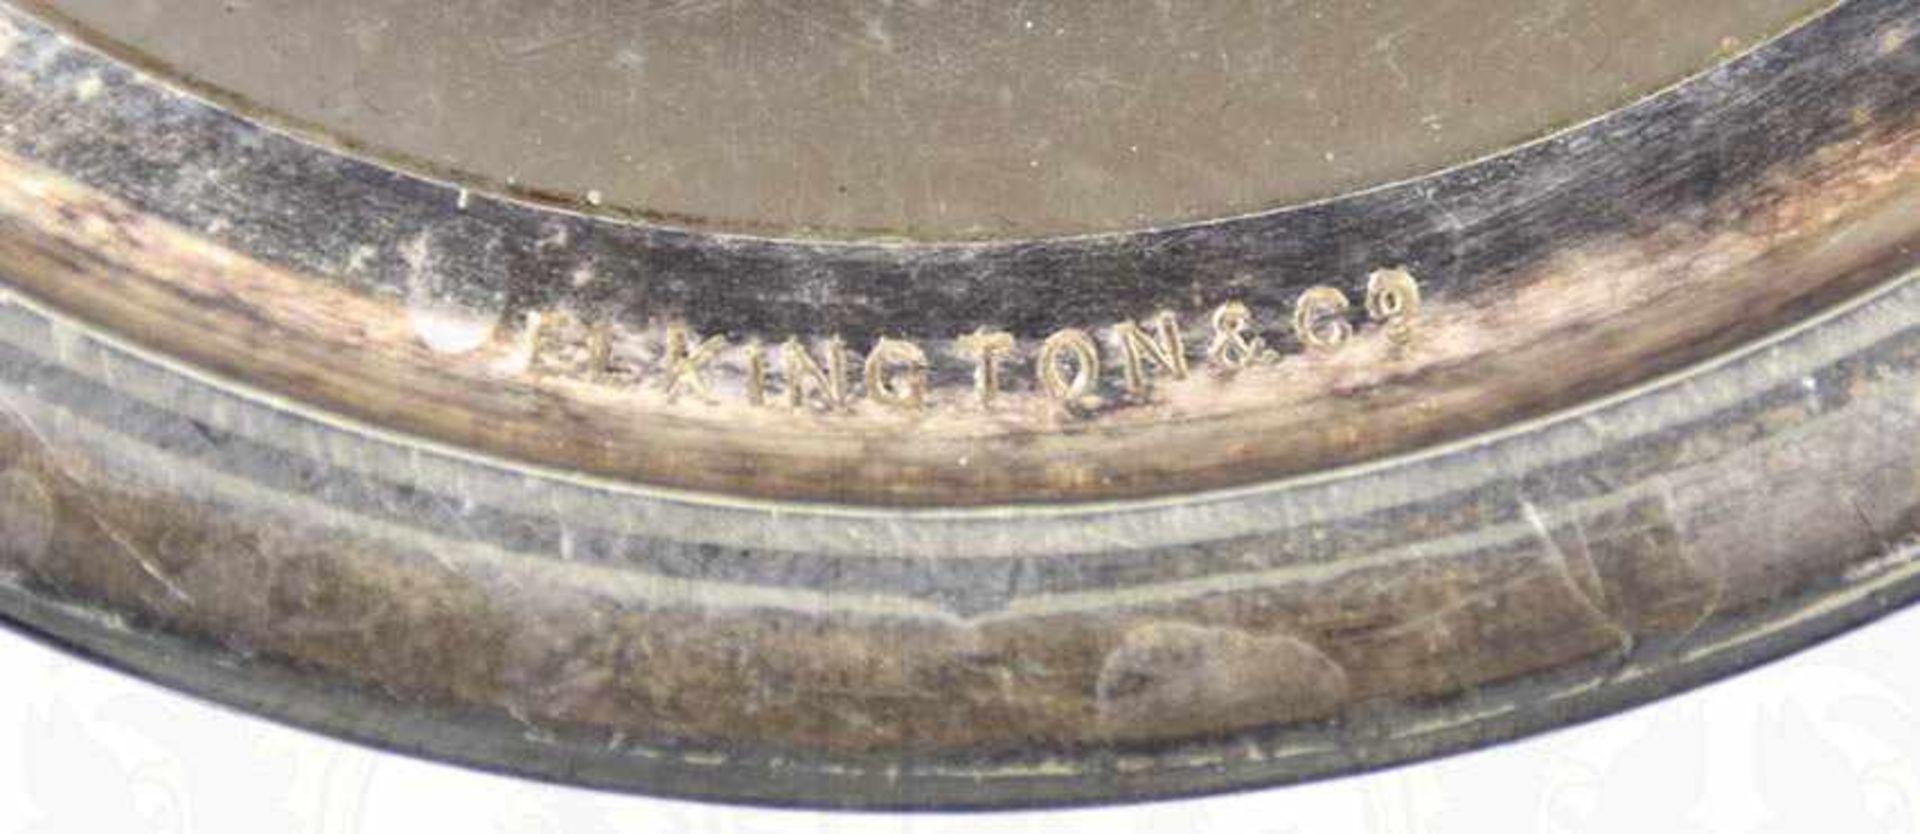 """SILVER-PLATED-BIERKRUG, 1/2 L., Hersteller """"Elkington &. Co."""" sowie """"A 2437"""" im Bodenrand, Henkel - Bild 7 aus 7"""